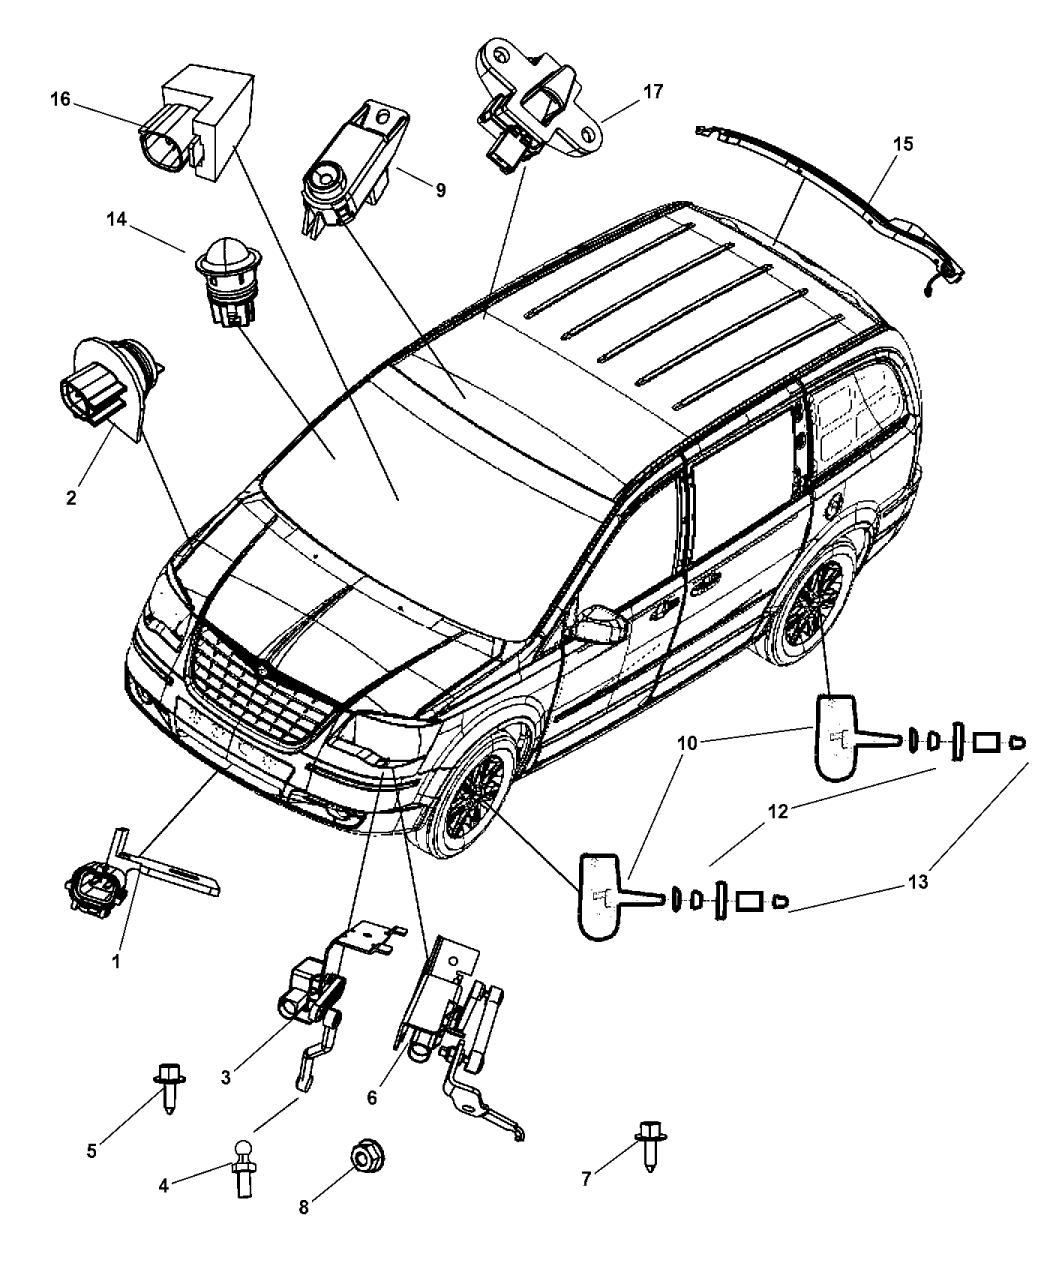 2008 chrysler town & country sensors body mopar parts giant chrysler minivan 3.8 engine diagram 2008 chrysler town & country sensors body